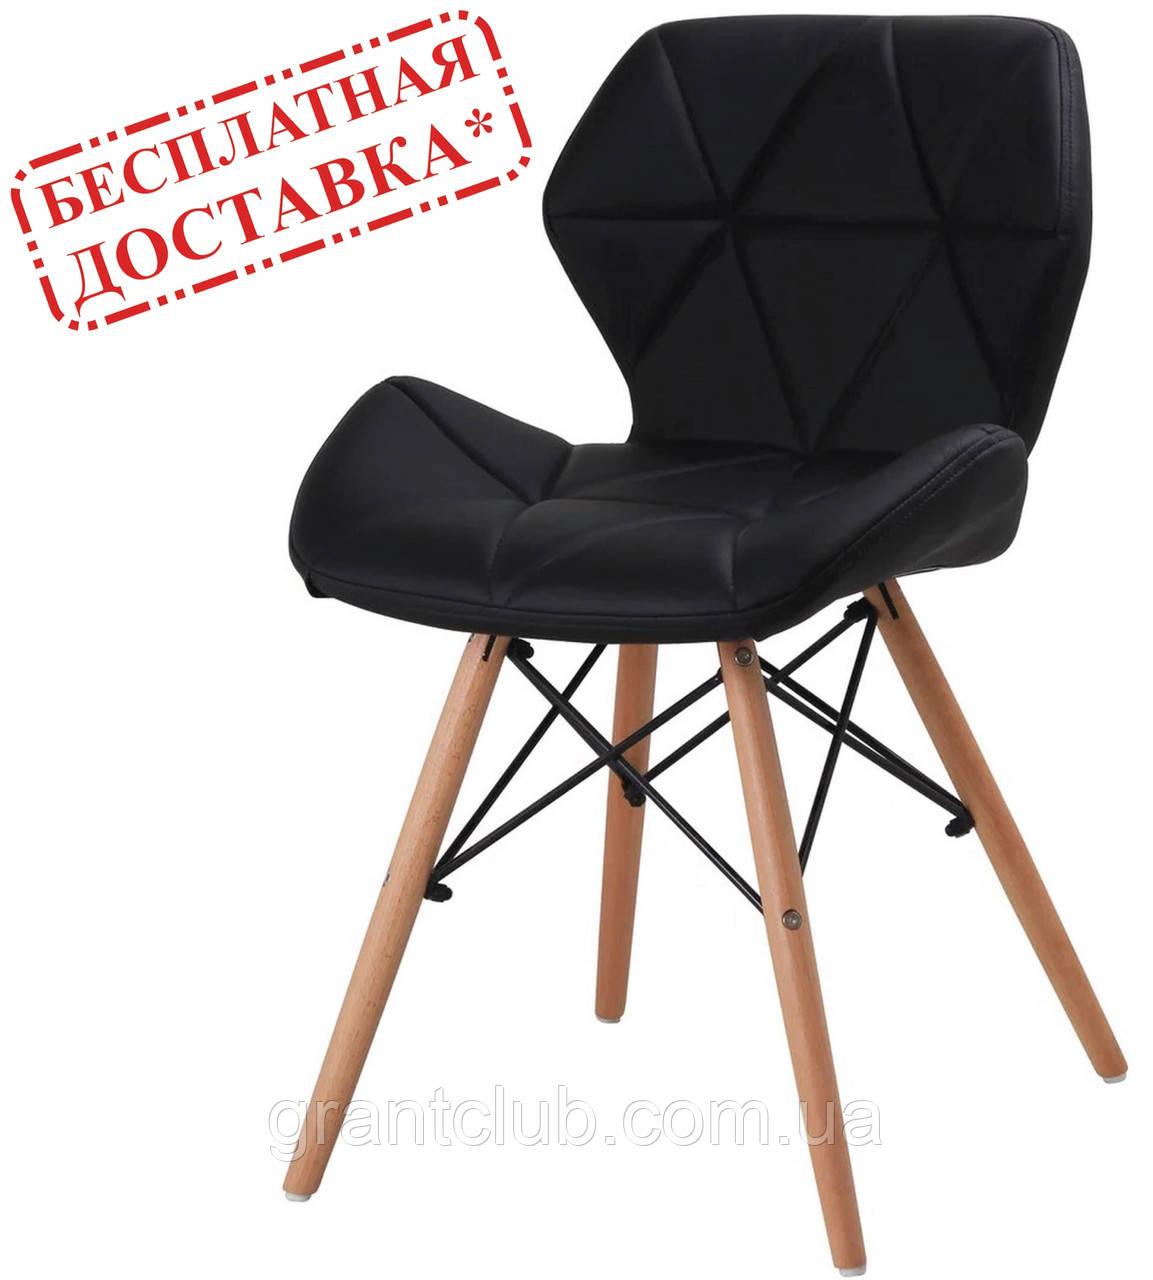 М'який стілець Старий чорний екокожа на дерев'яних ніжках СДМ група (безкоштовна доставка)